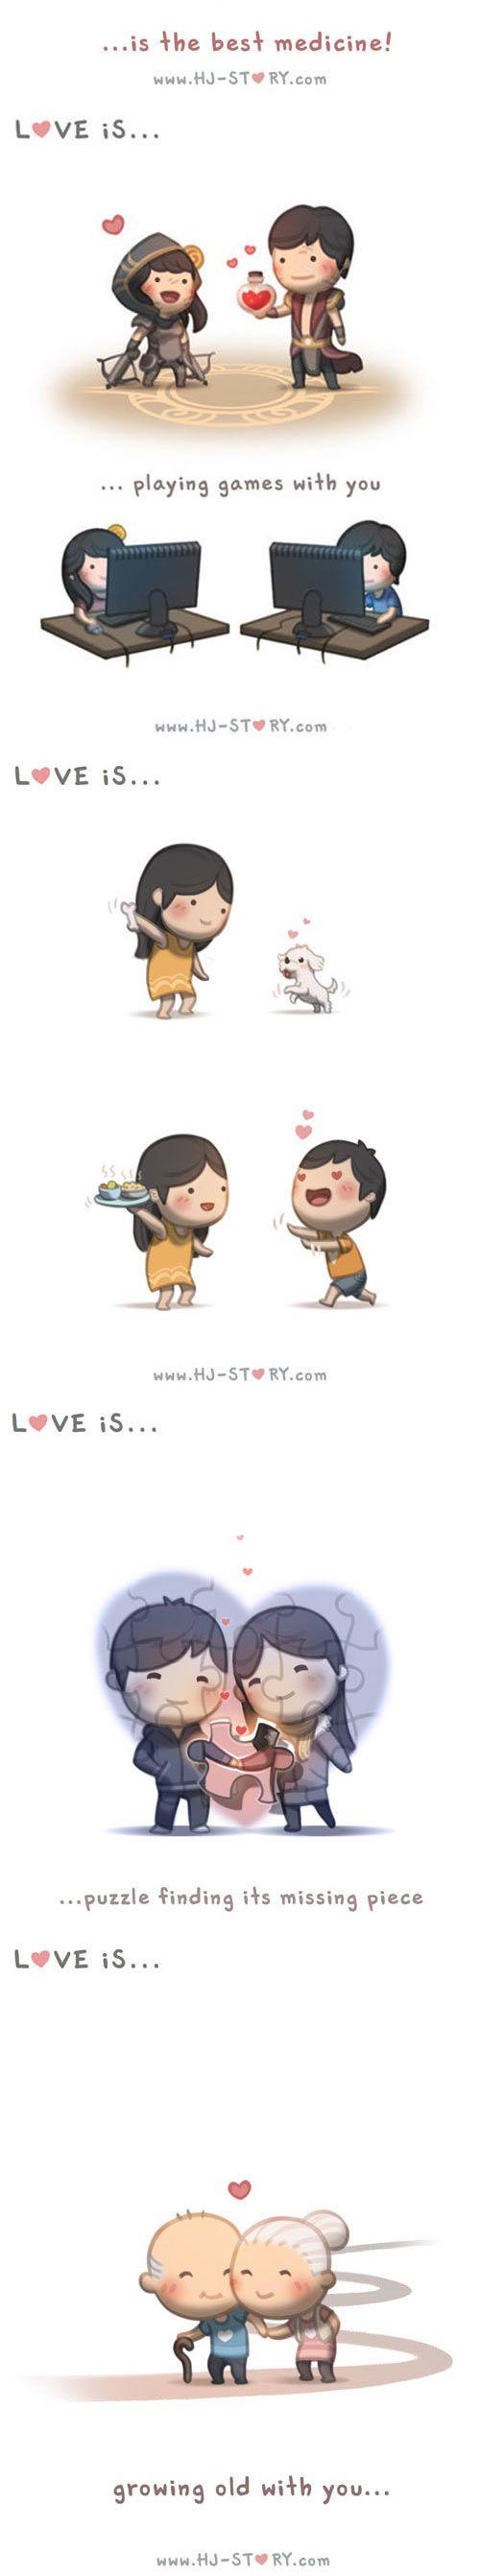 cool-love-comic-cute-drawings-growing